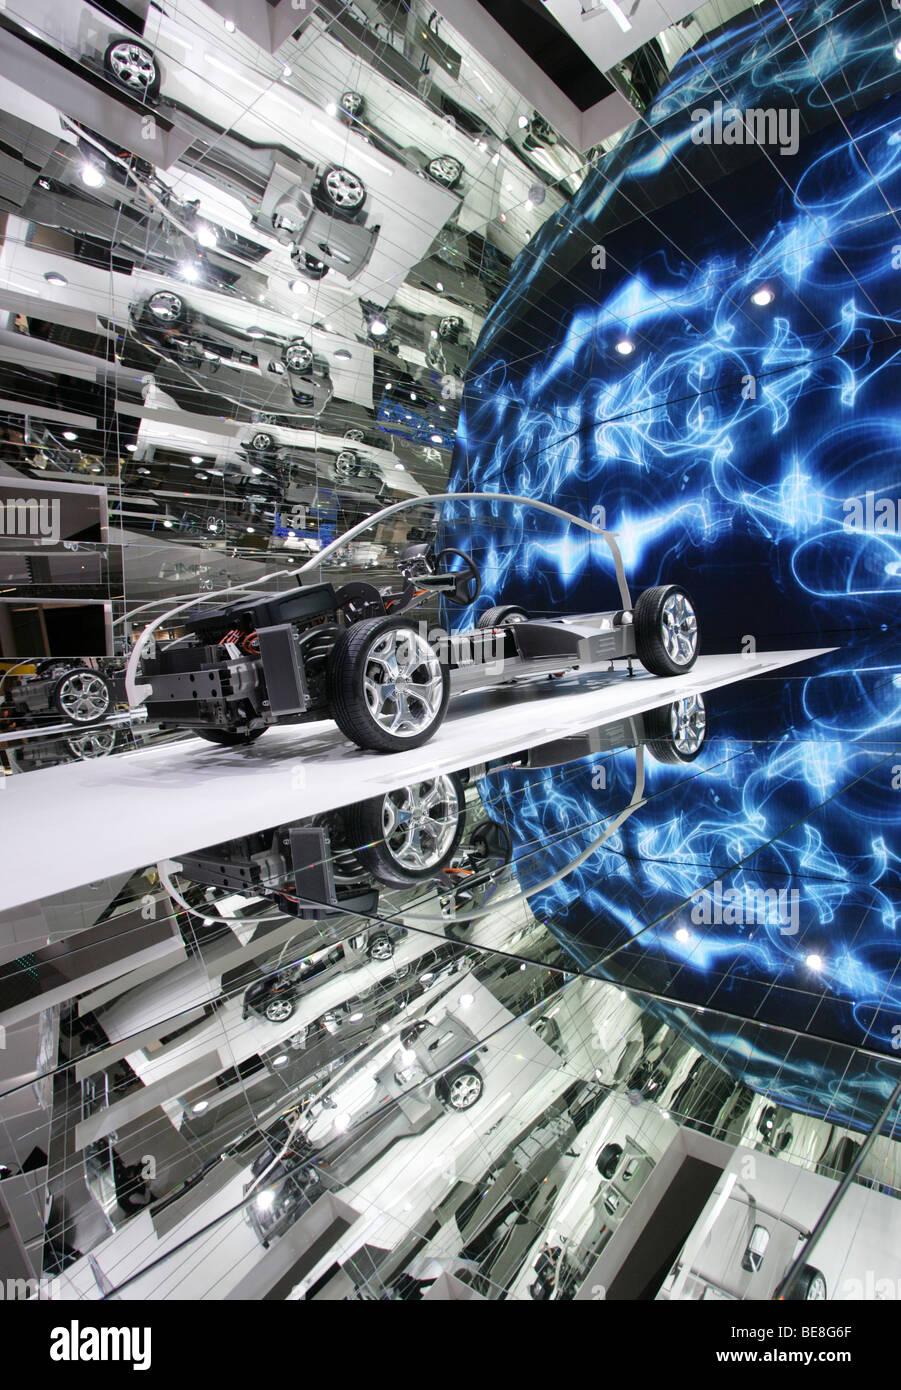 Voiture électrique Opel Ampera au 63. Salon de l'automobile IAA de Francfort/Allemagne, 15.9.2009 Photo Stock